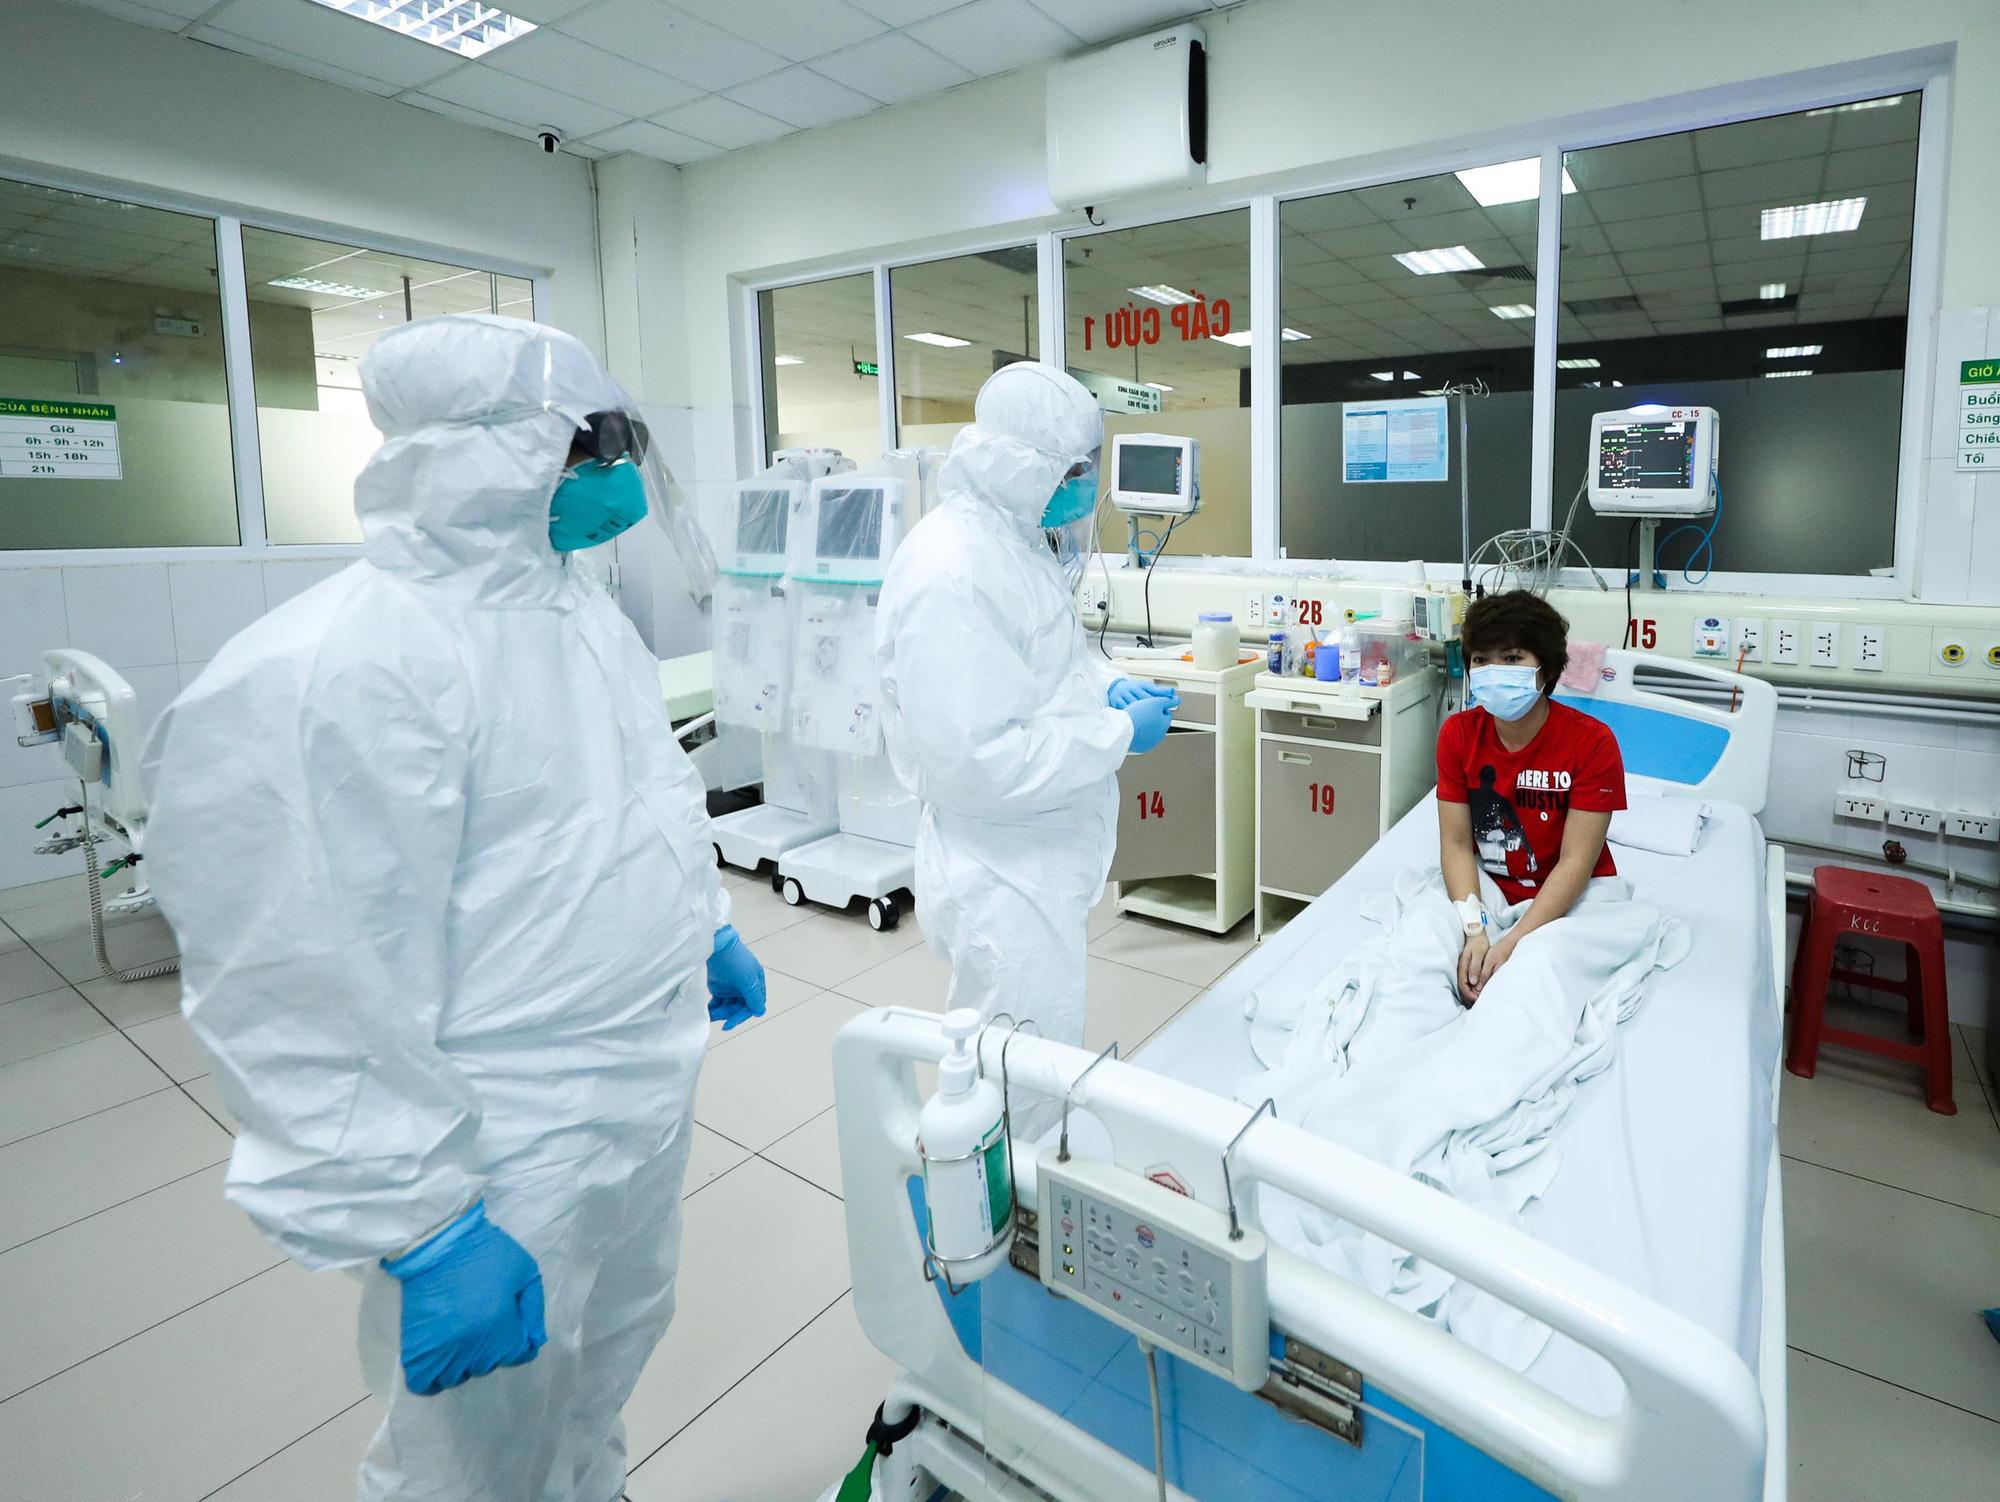 [eMagazine] Ổ dịch Covid-19 nguy hiểm nhất Việt Nam được phát hiện, khống chế thế nào? - Ảnh 32.